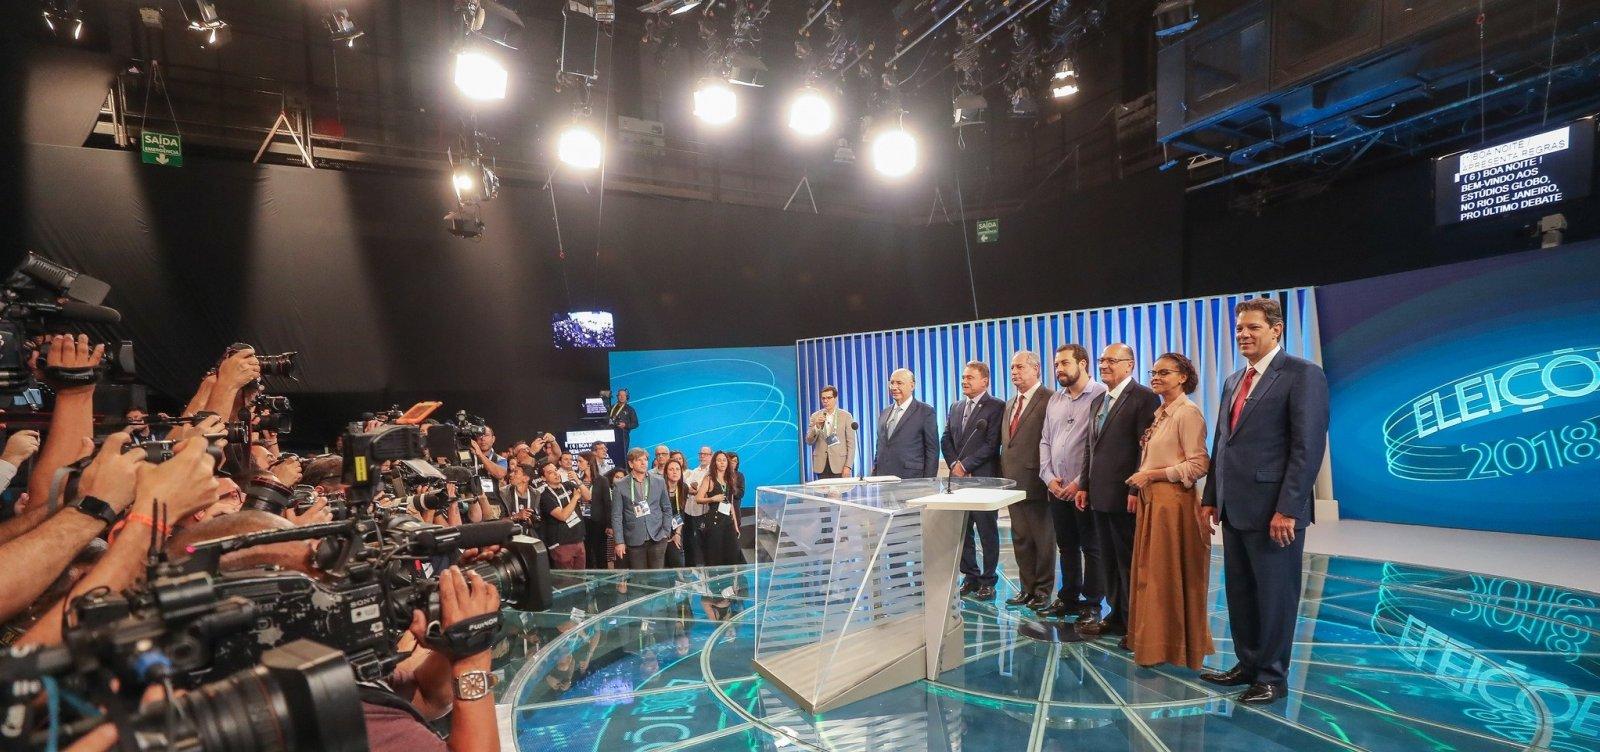 Ausência de Bolsonaro motiva críticas de adversários em último debate